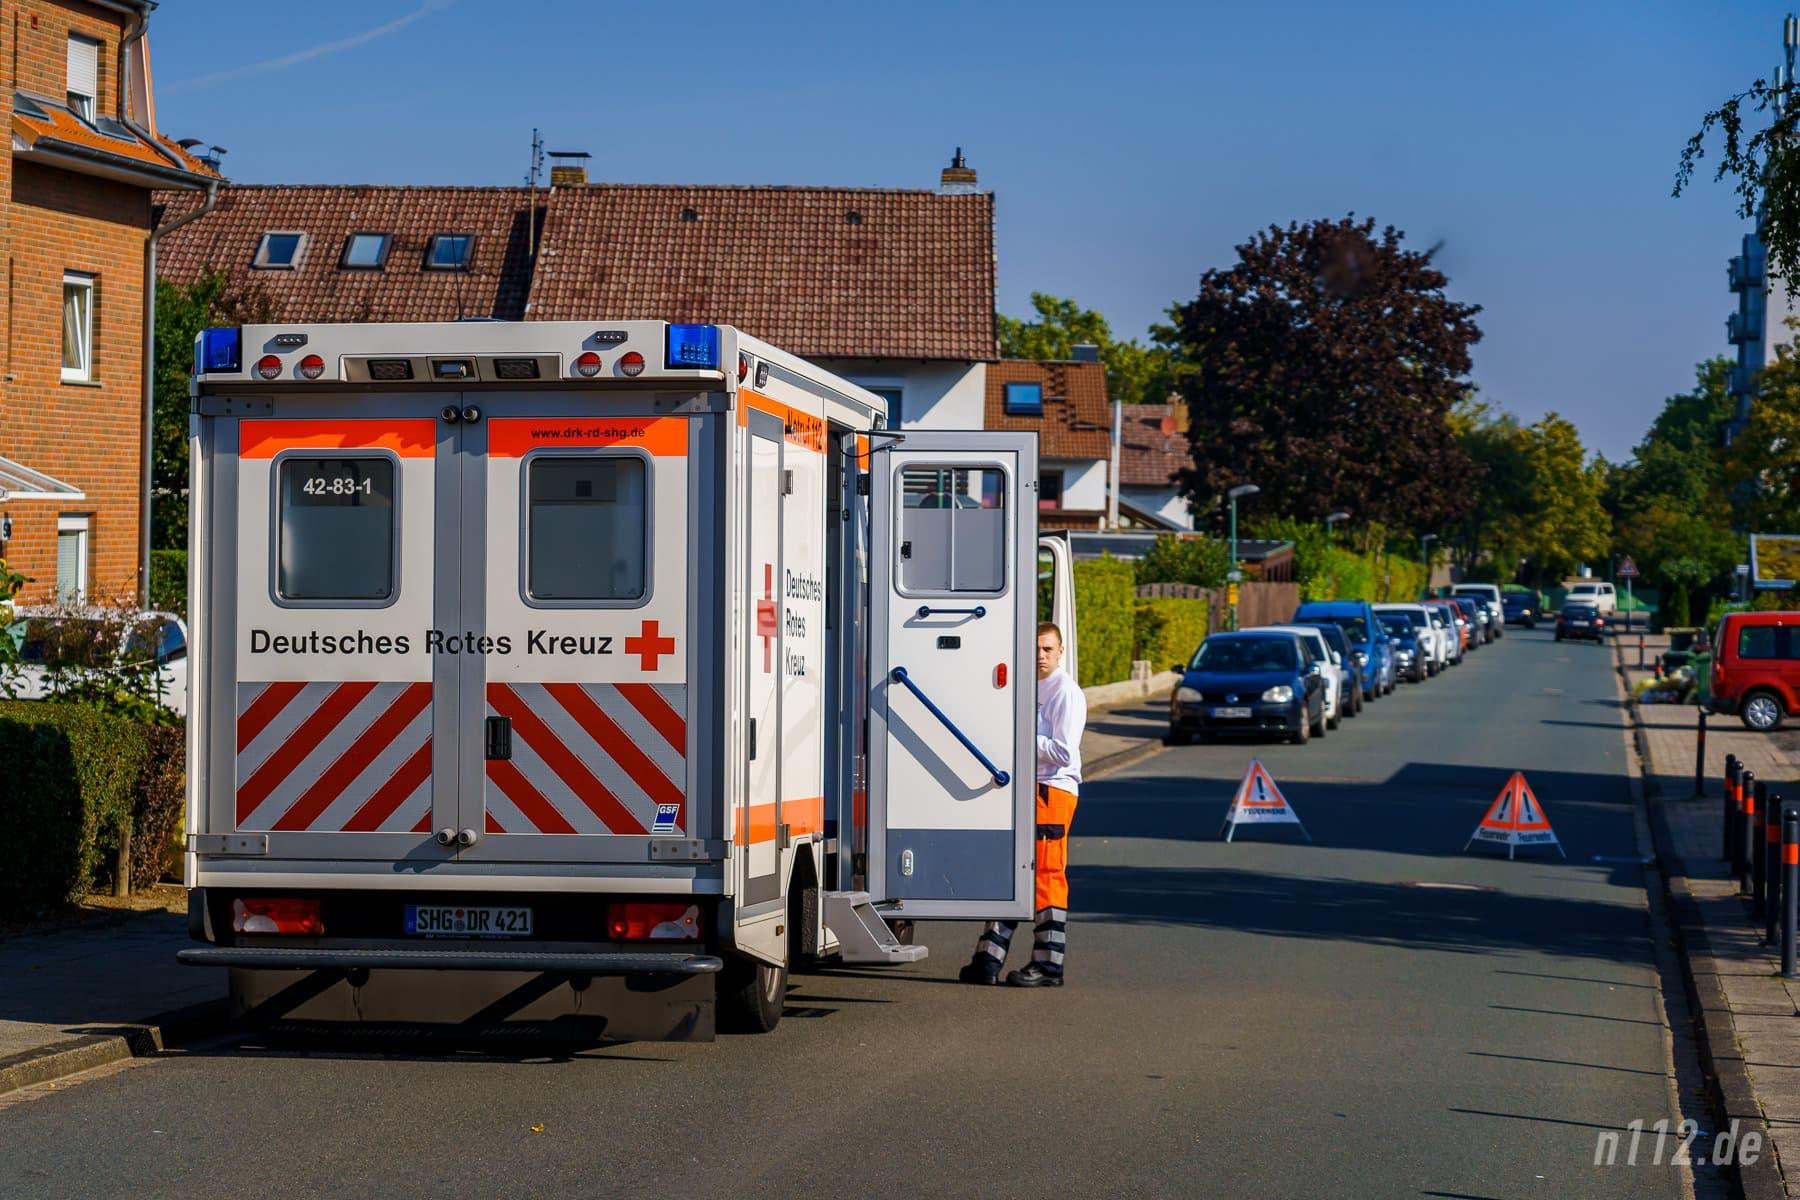 Klever: Der Rettungsdienst parkt in einer Nebenstraße. Dadurch kann der Rettungswagen schnell mit einem Patienten losfahren und steht nicht im Weg herum. Trotz Absperrung fuhren übrigens immer wieder Autos durch die Einsatzstelle... (Foto: n112.de/Stefan Simonsen)